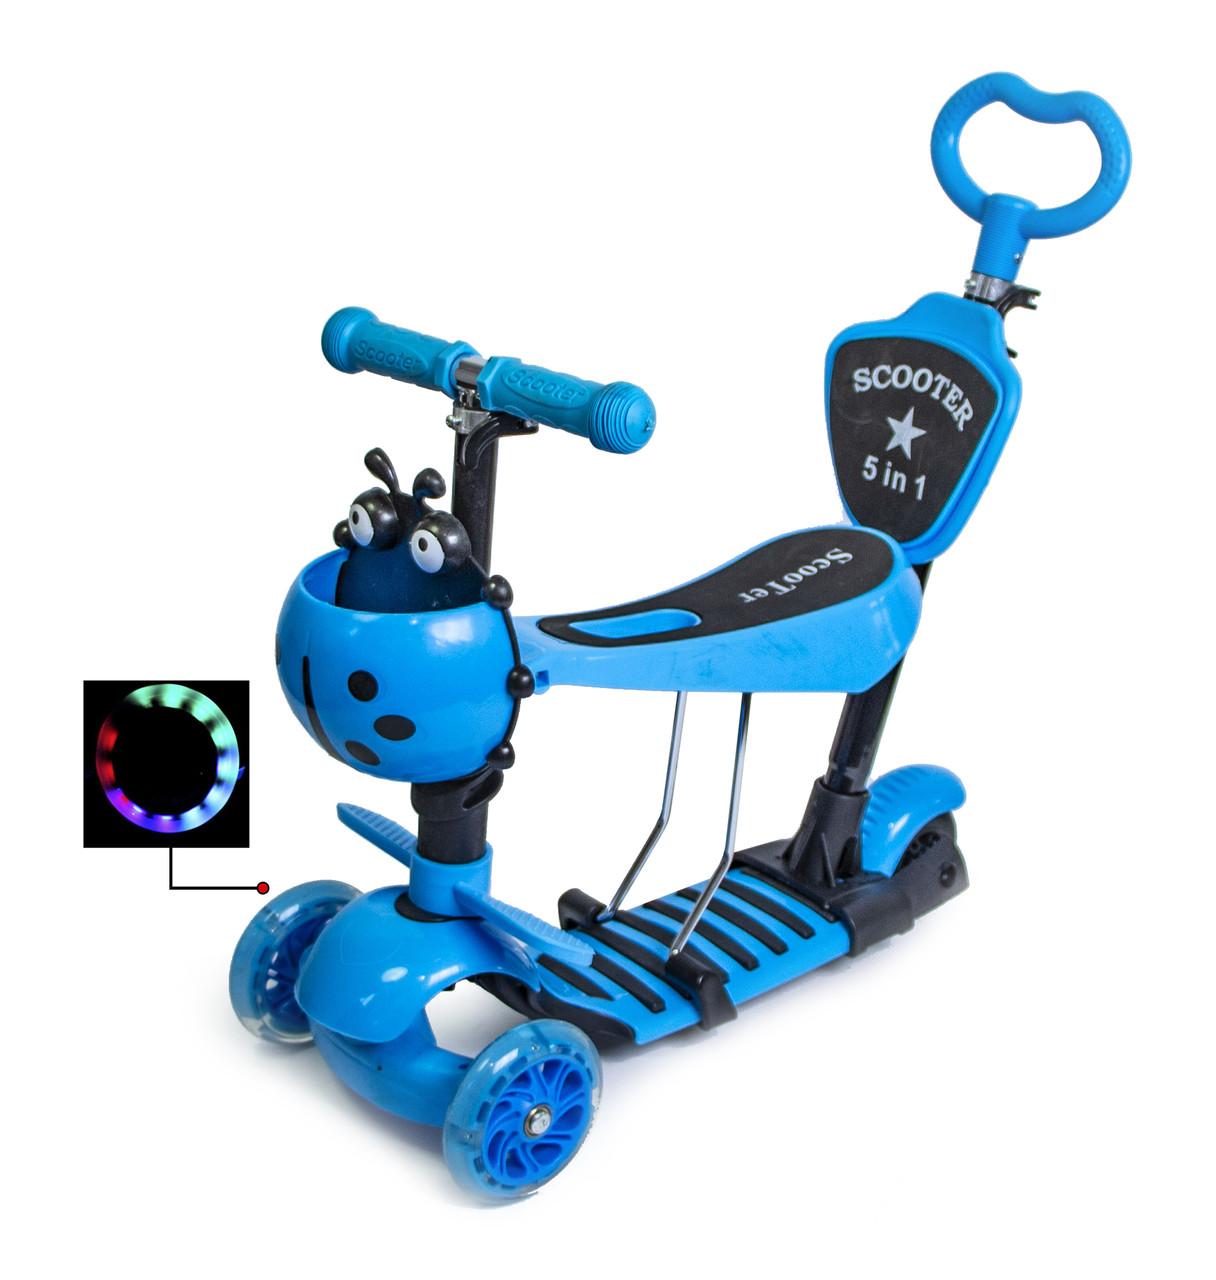 """Самокати Scooter """"Божа корівка"""" 5in1 Blue"""